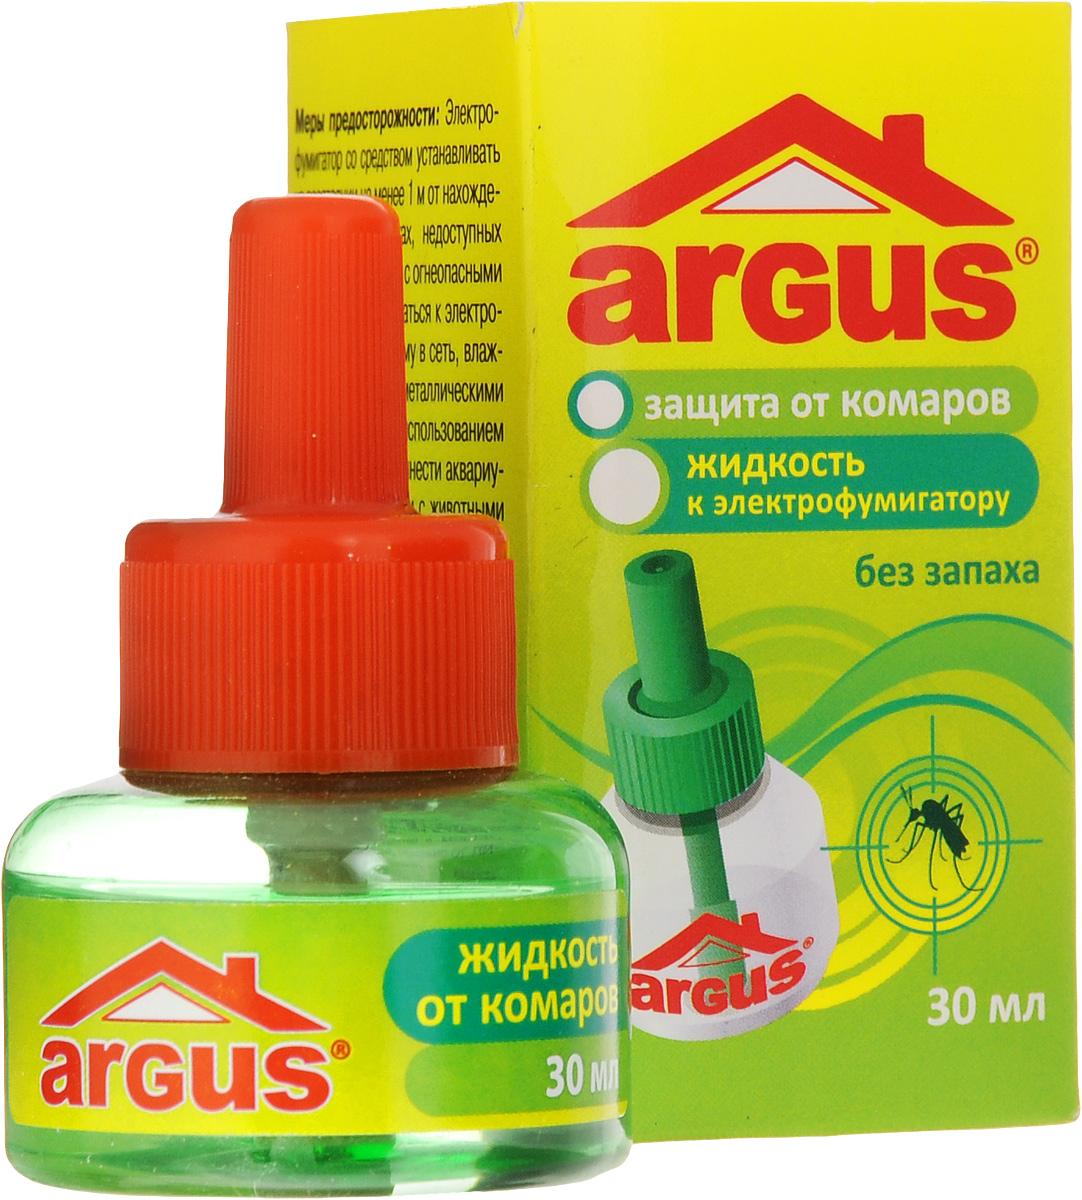 Жидкость от комаров Argus, без запаха, 30 мл66701107Один флакон жидкости Argus объемом 30 мл рассчитан не менее чем на 360 часов! Использование жидкости с фумигатором в течение 30 минут обеспечивает полную гибель мух, комаров и мошек. Используется в помещении площадью не менее 16 м2 при открытых окнах. Средство не имеет запаха.Состав: эток 0,9%, испарители, антиоксиданты, растворители.